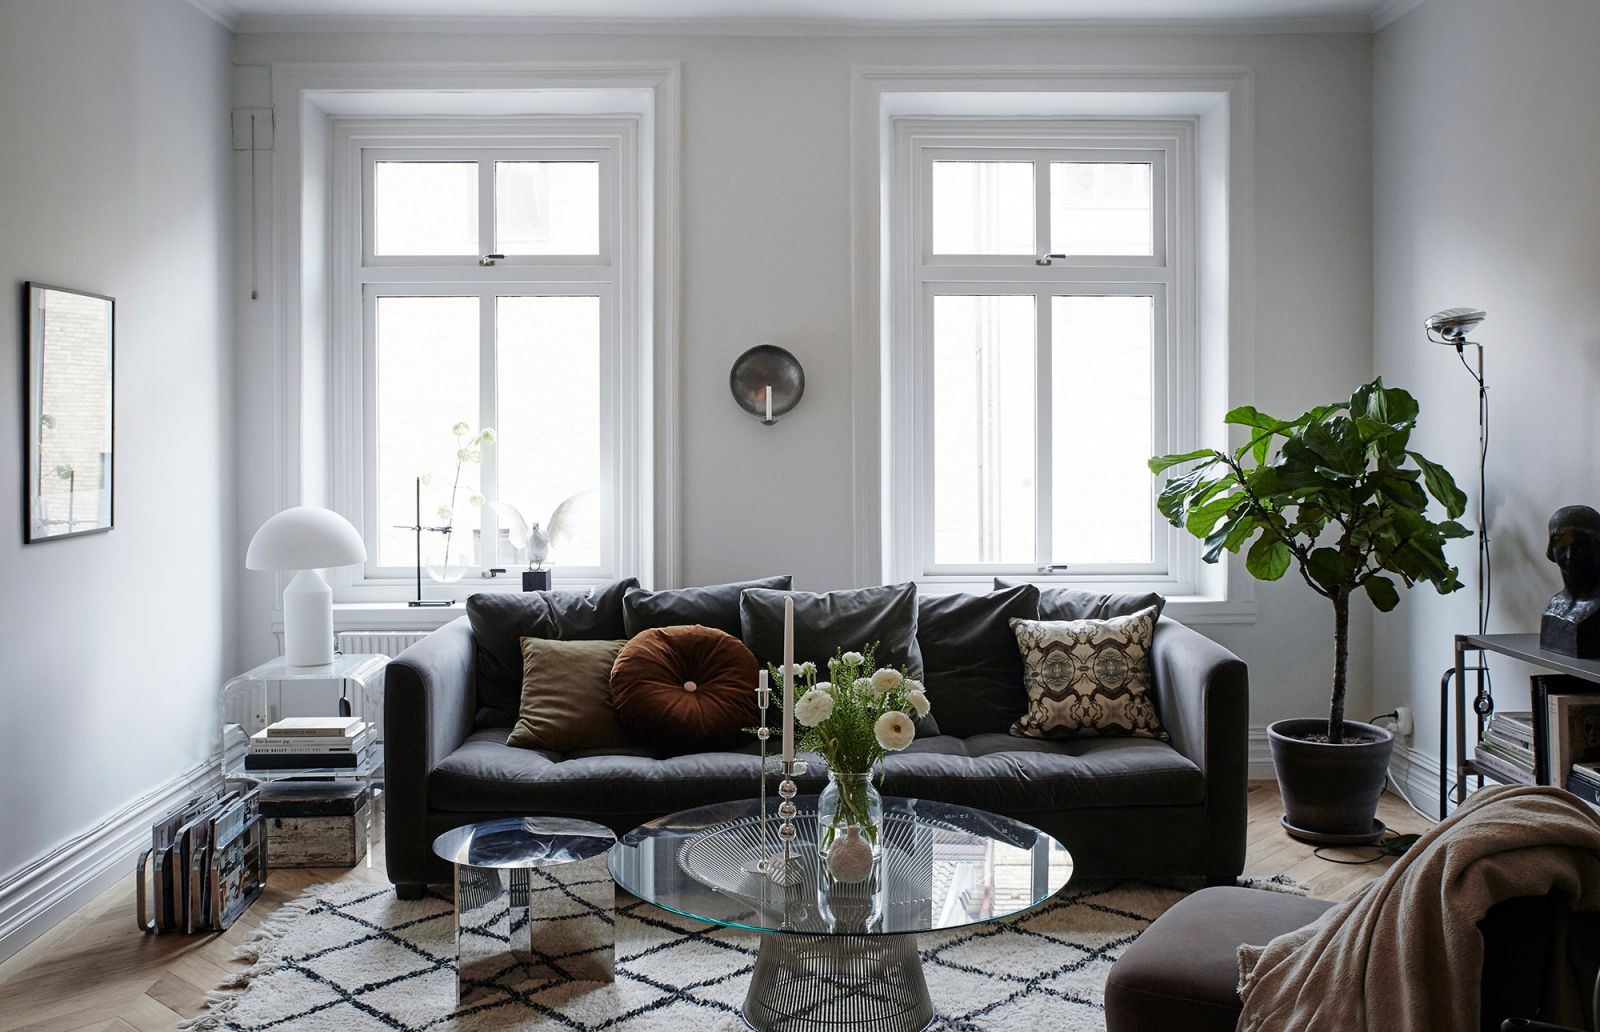 Platner coffee table - Knoll, Stella Sofa - Caravane, Atollo opal table lamp - Oluce, Slit table - Hay